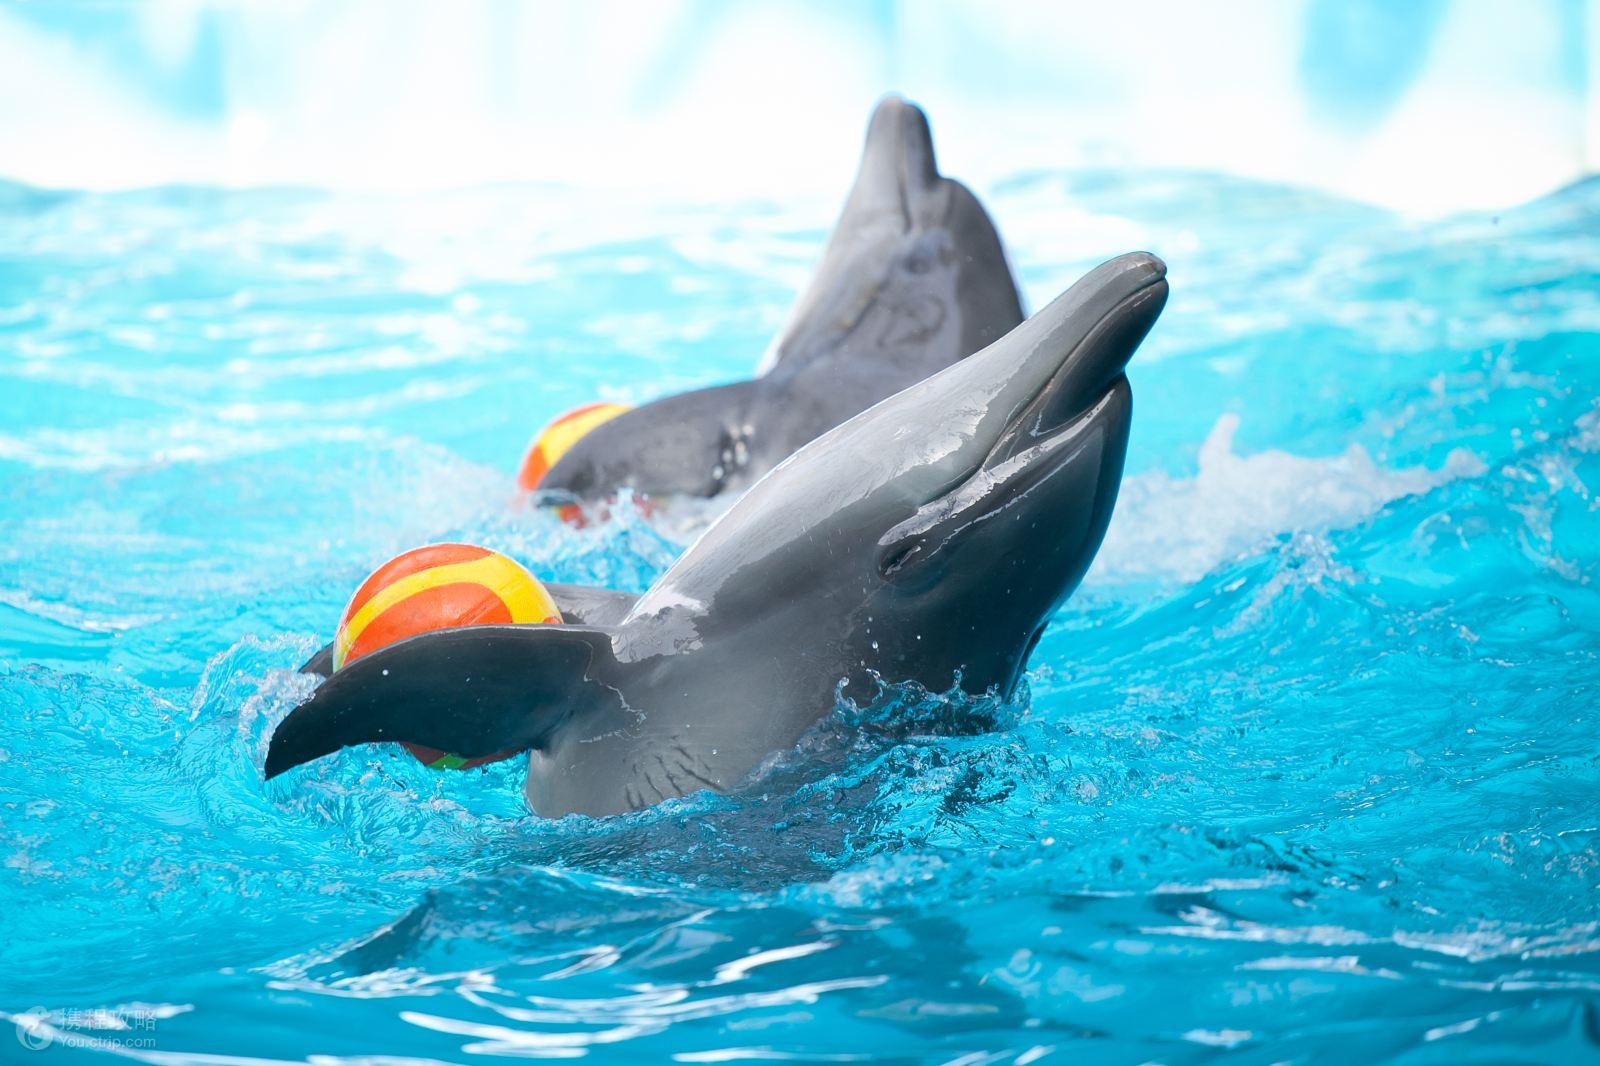 泰国普吉岛 卡塔海滩 查龙射击 尼莫海豚馆 查龙寺 人妖秀包车一日游